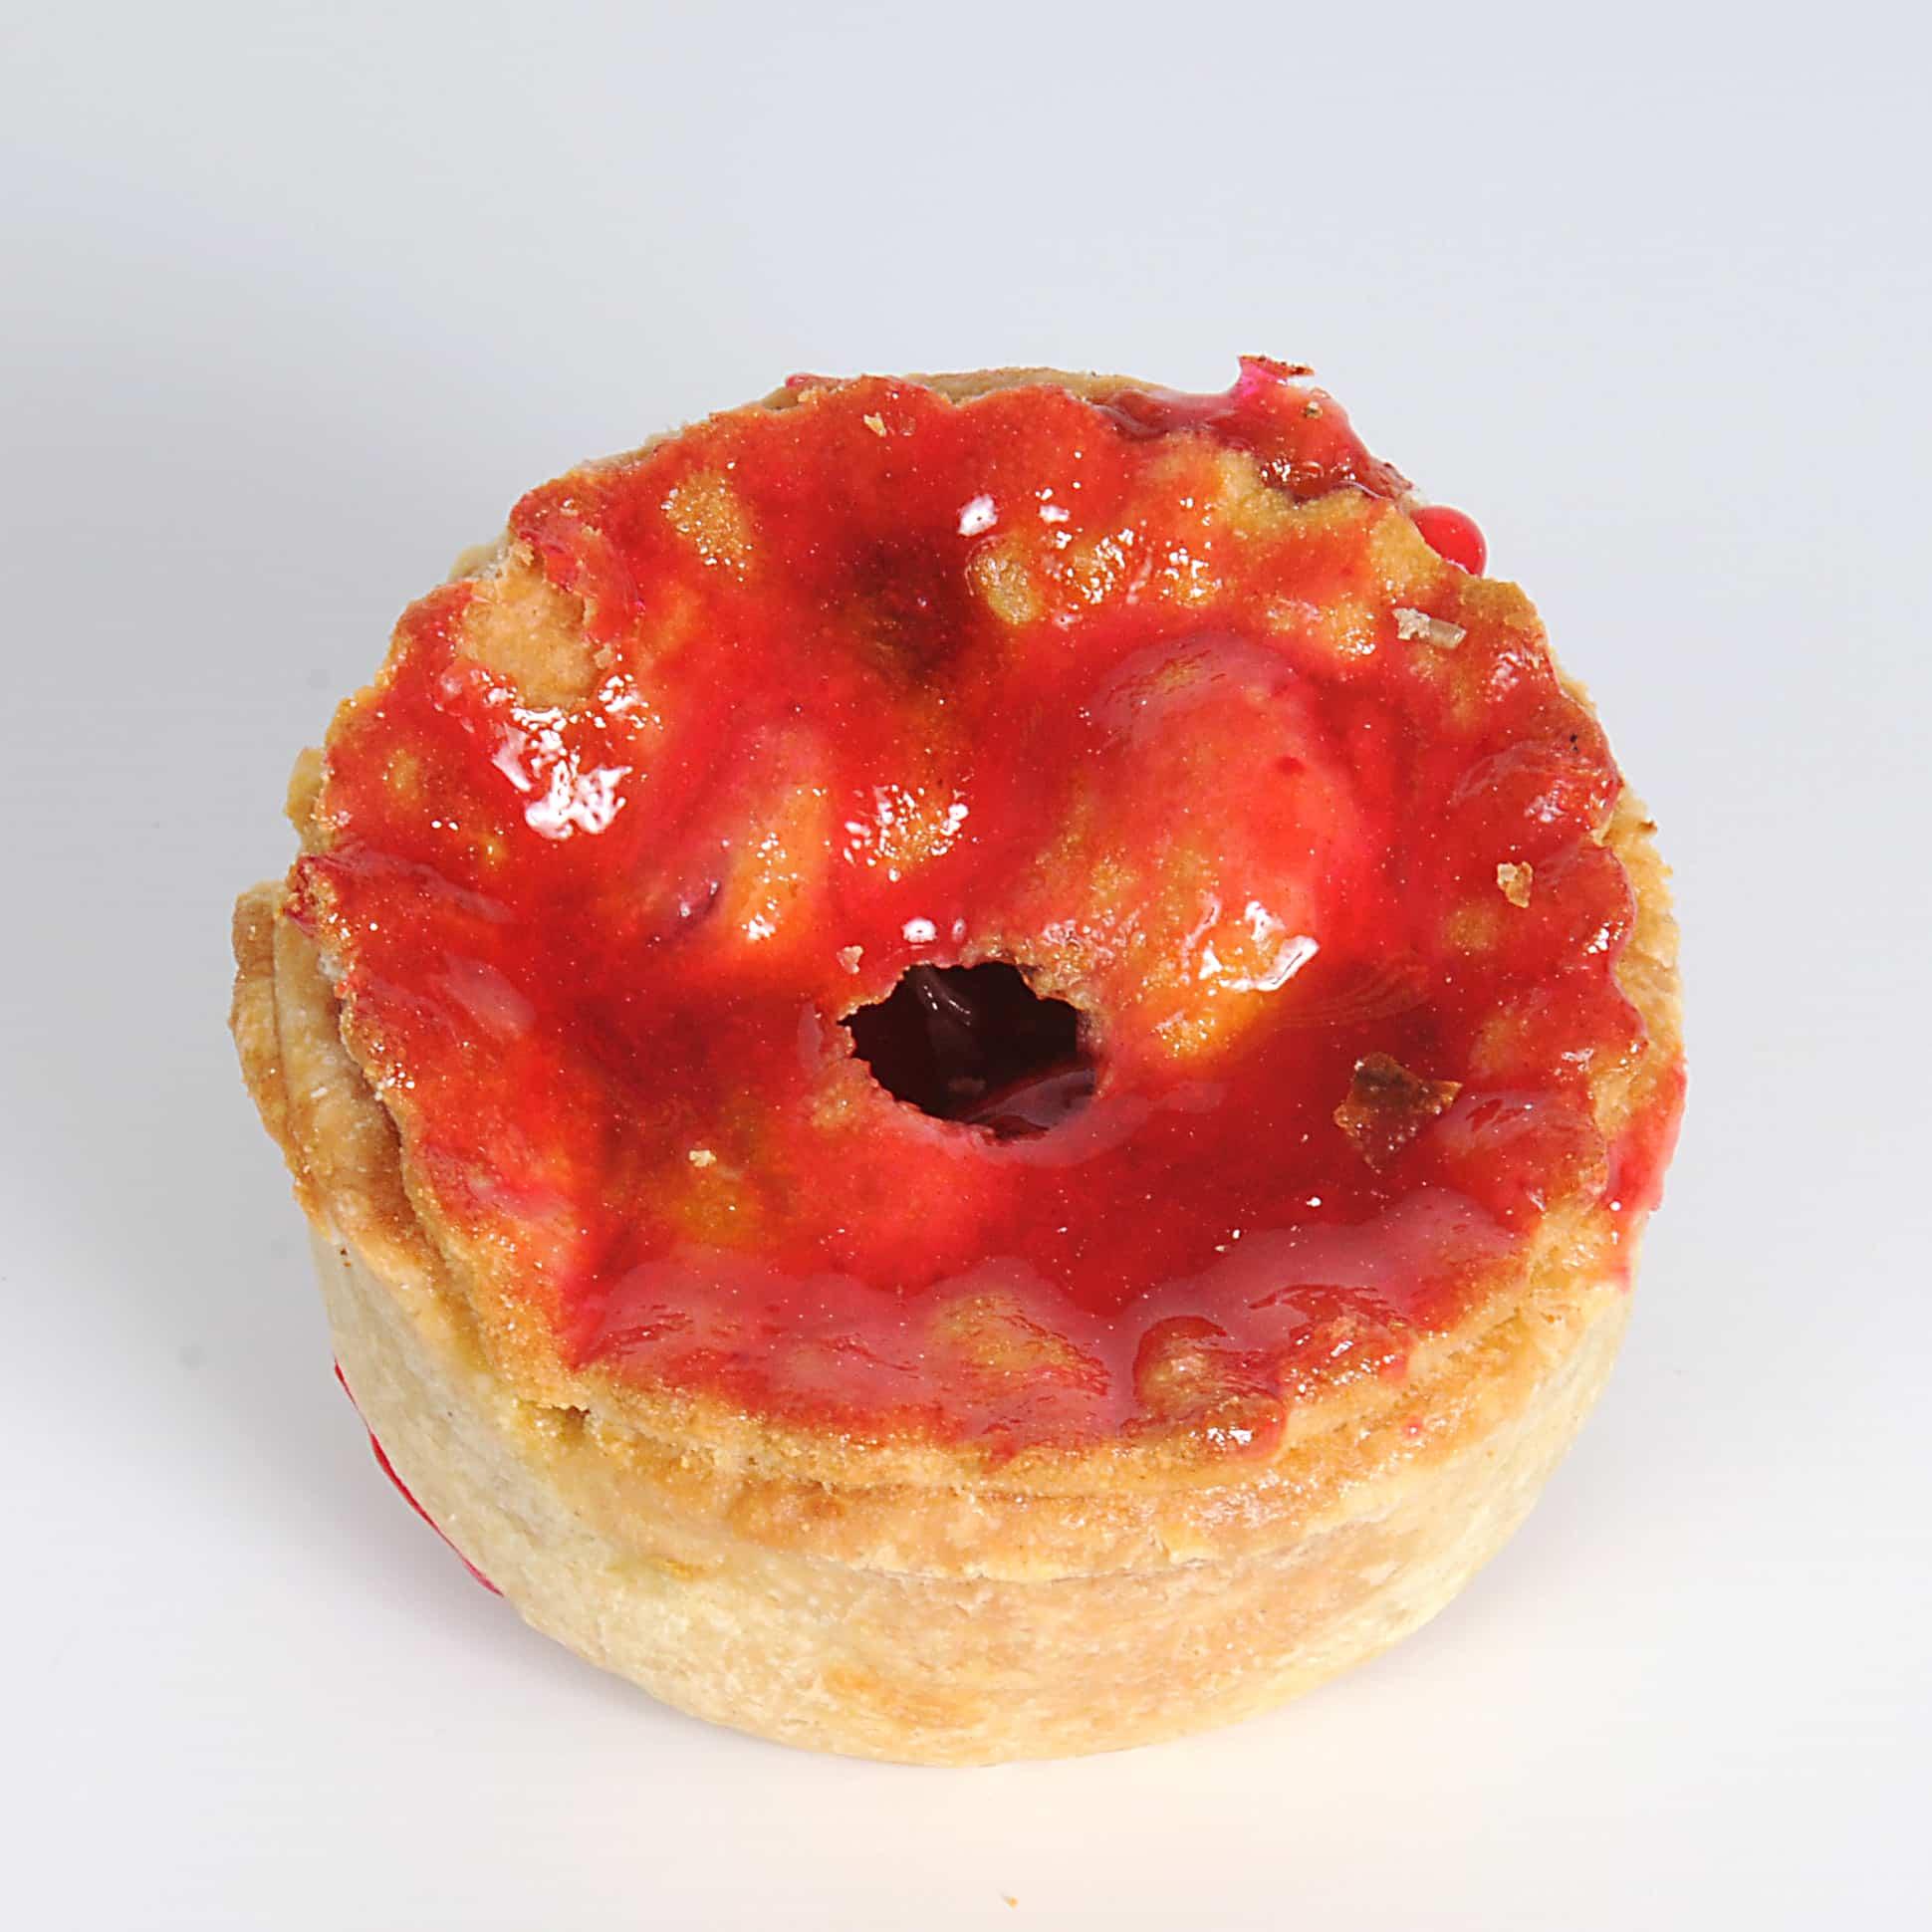 Rhubarb Pies - Stuart's the Bakers